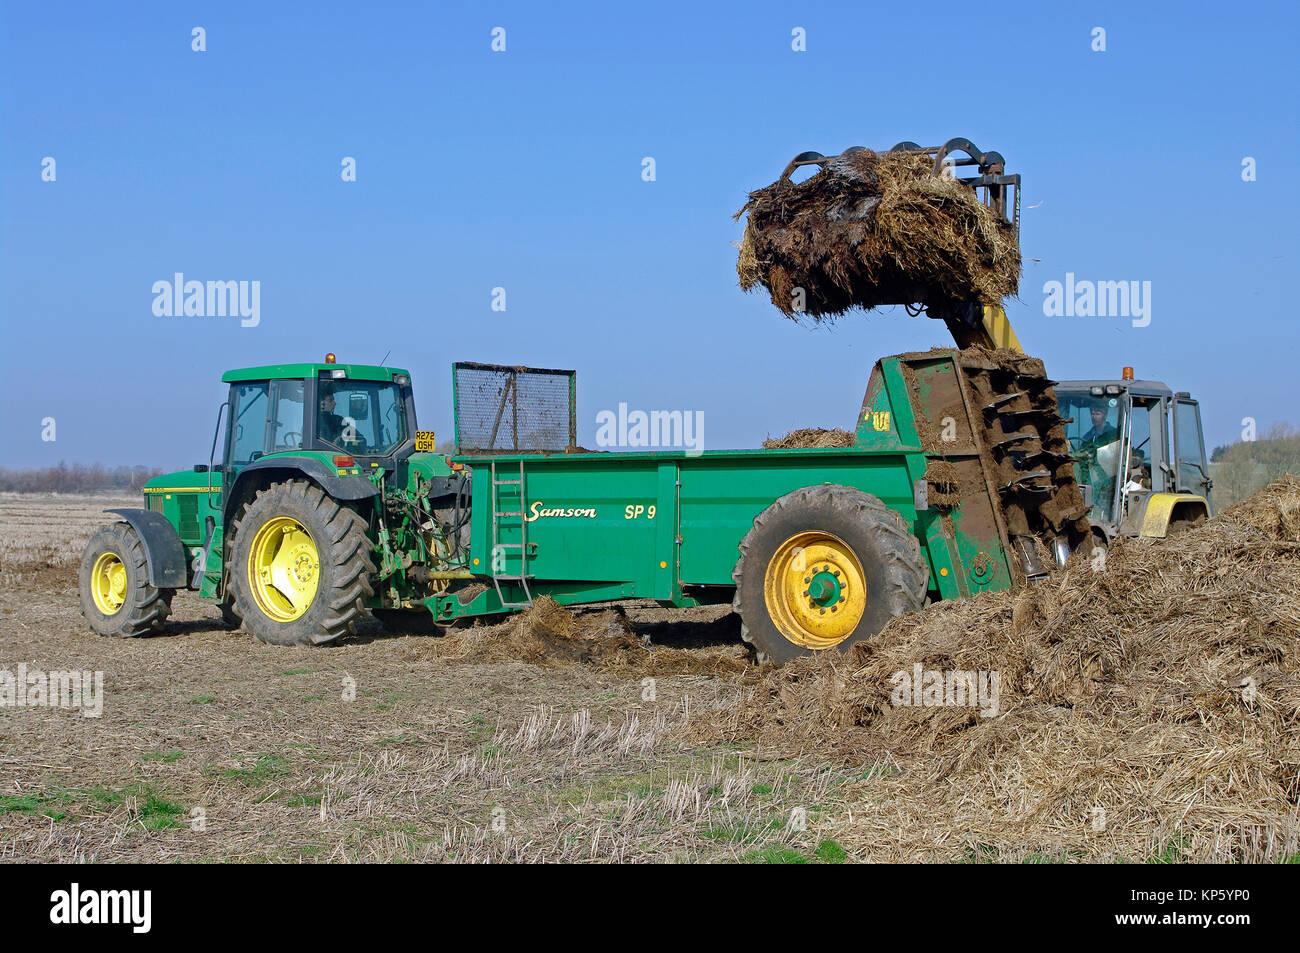 John Deere 6800 tractor and muck spreader - Stock Image